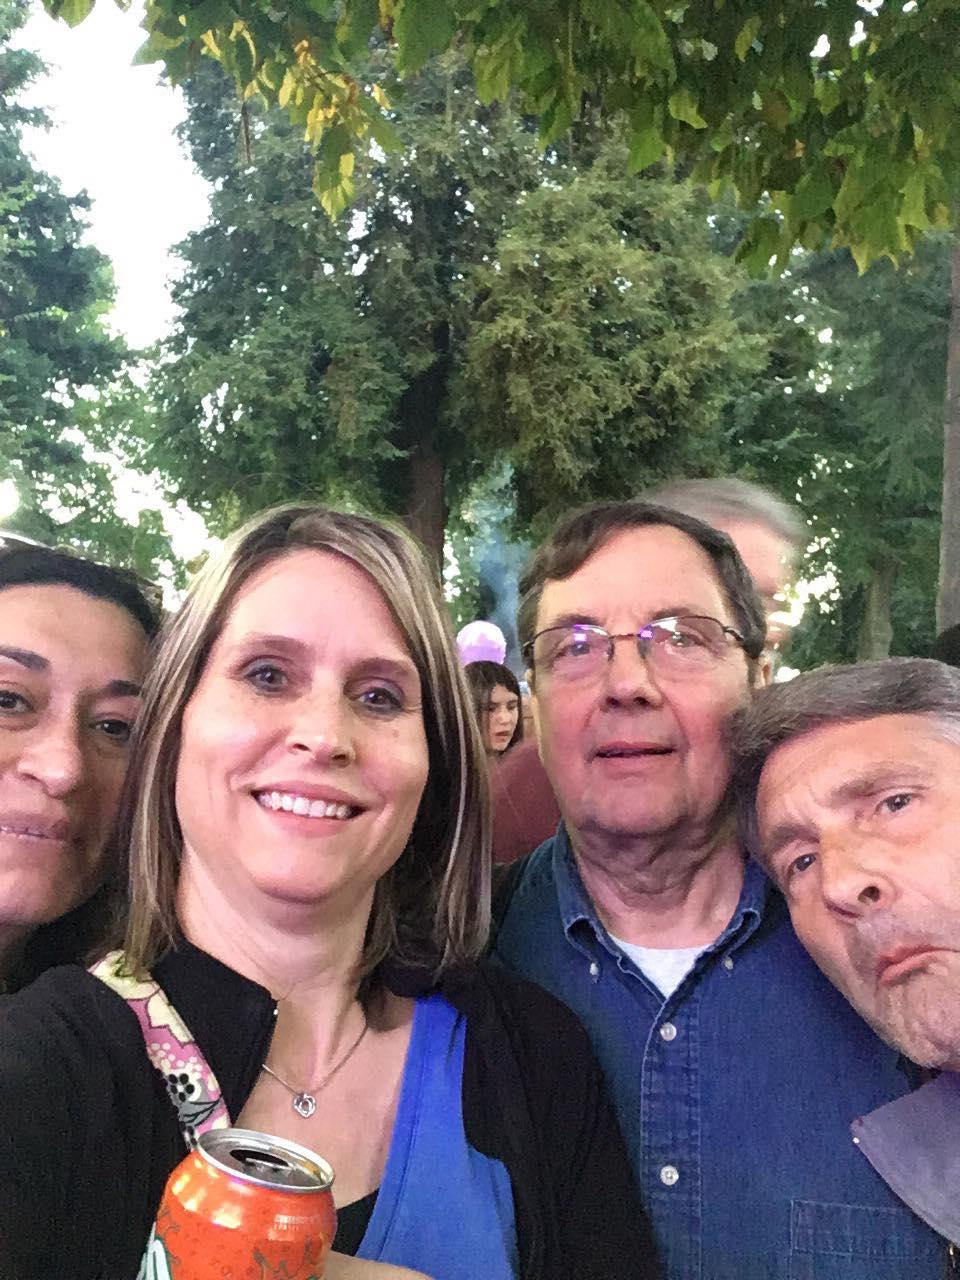 Team selfie.